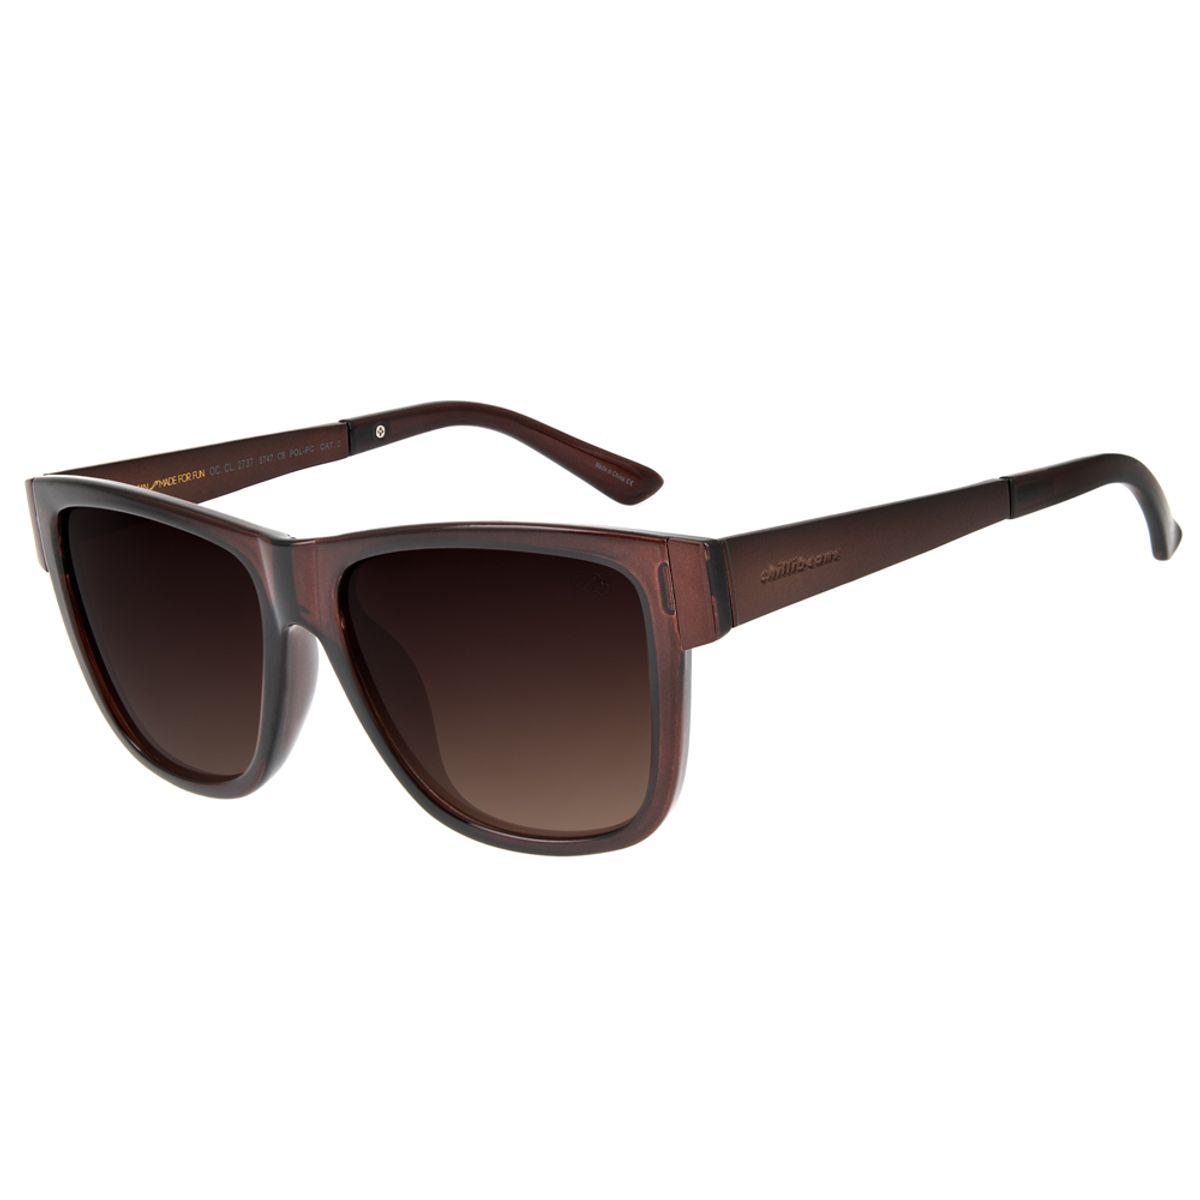 288136986 Óculos de Sol Chilli Beans Feminino Quadrado Polarizado Marrom ...